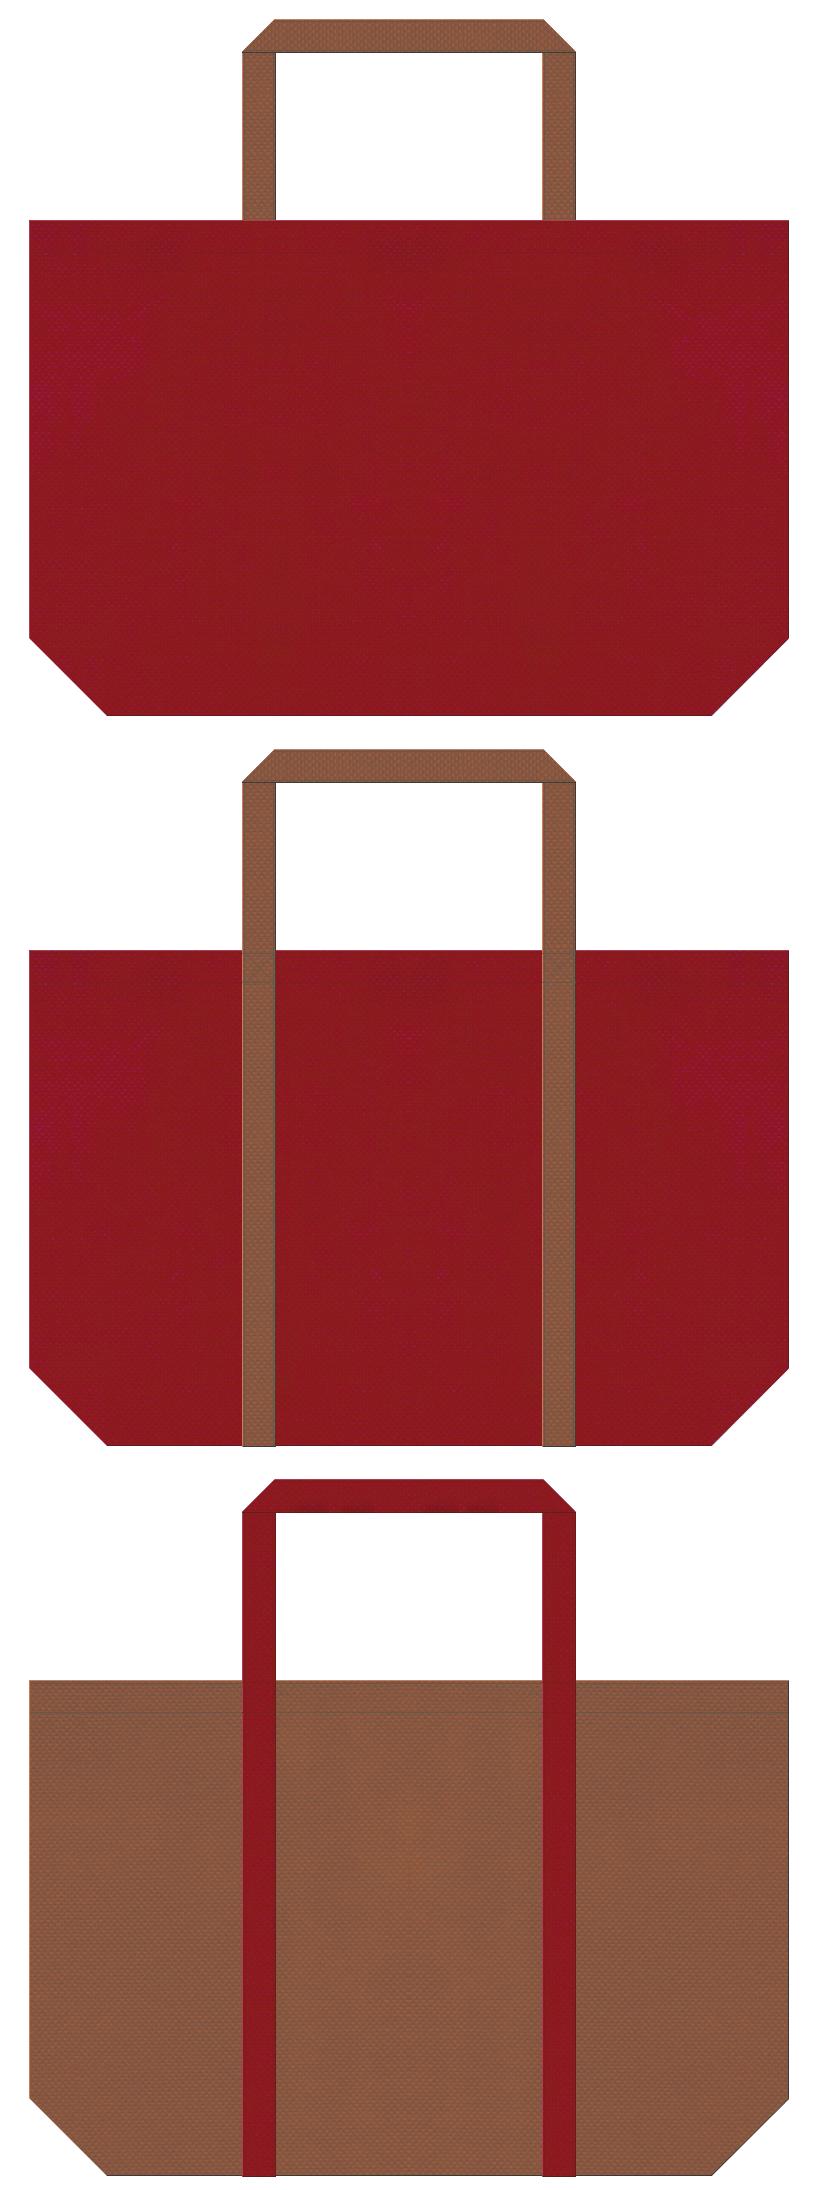 エンジ色と茶色の不織布ショッピングバッグのデザイン。甘味処のイメージで、和雑貨のショッピングバッグ・福袋にお奨めです。